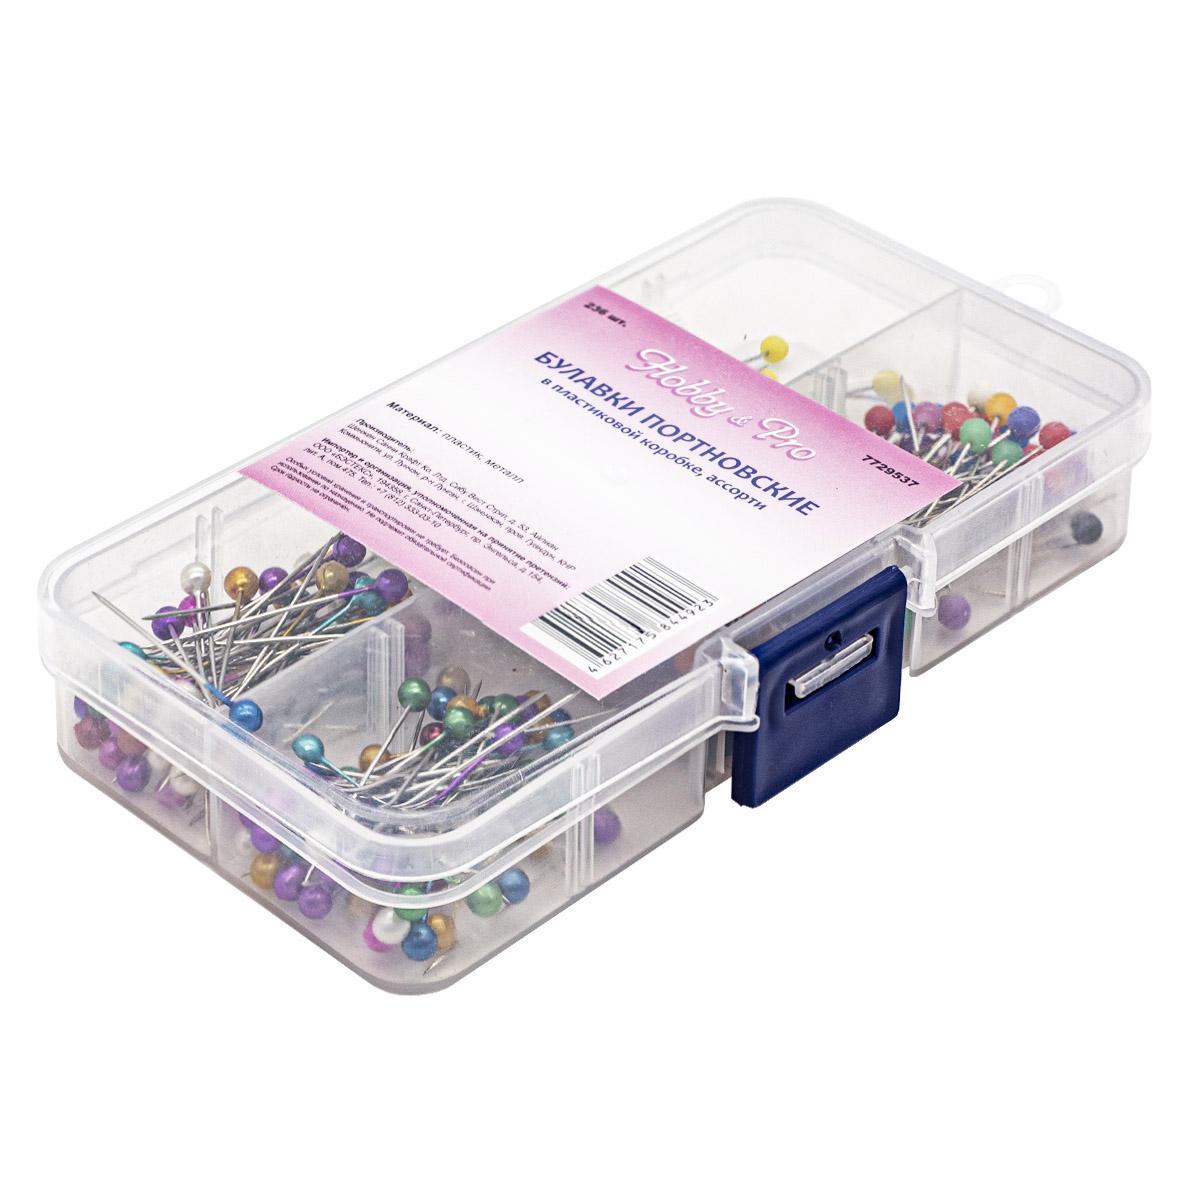 100404 Булавки портновские в пластиковой коробке, ассорти, 236шт Hobby&Pro